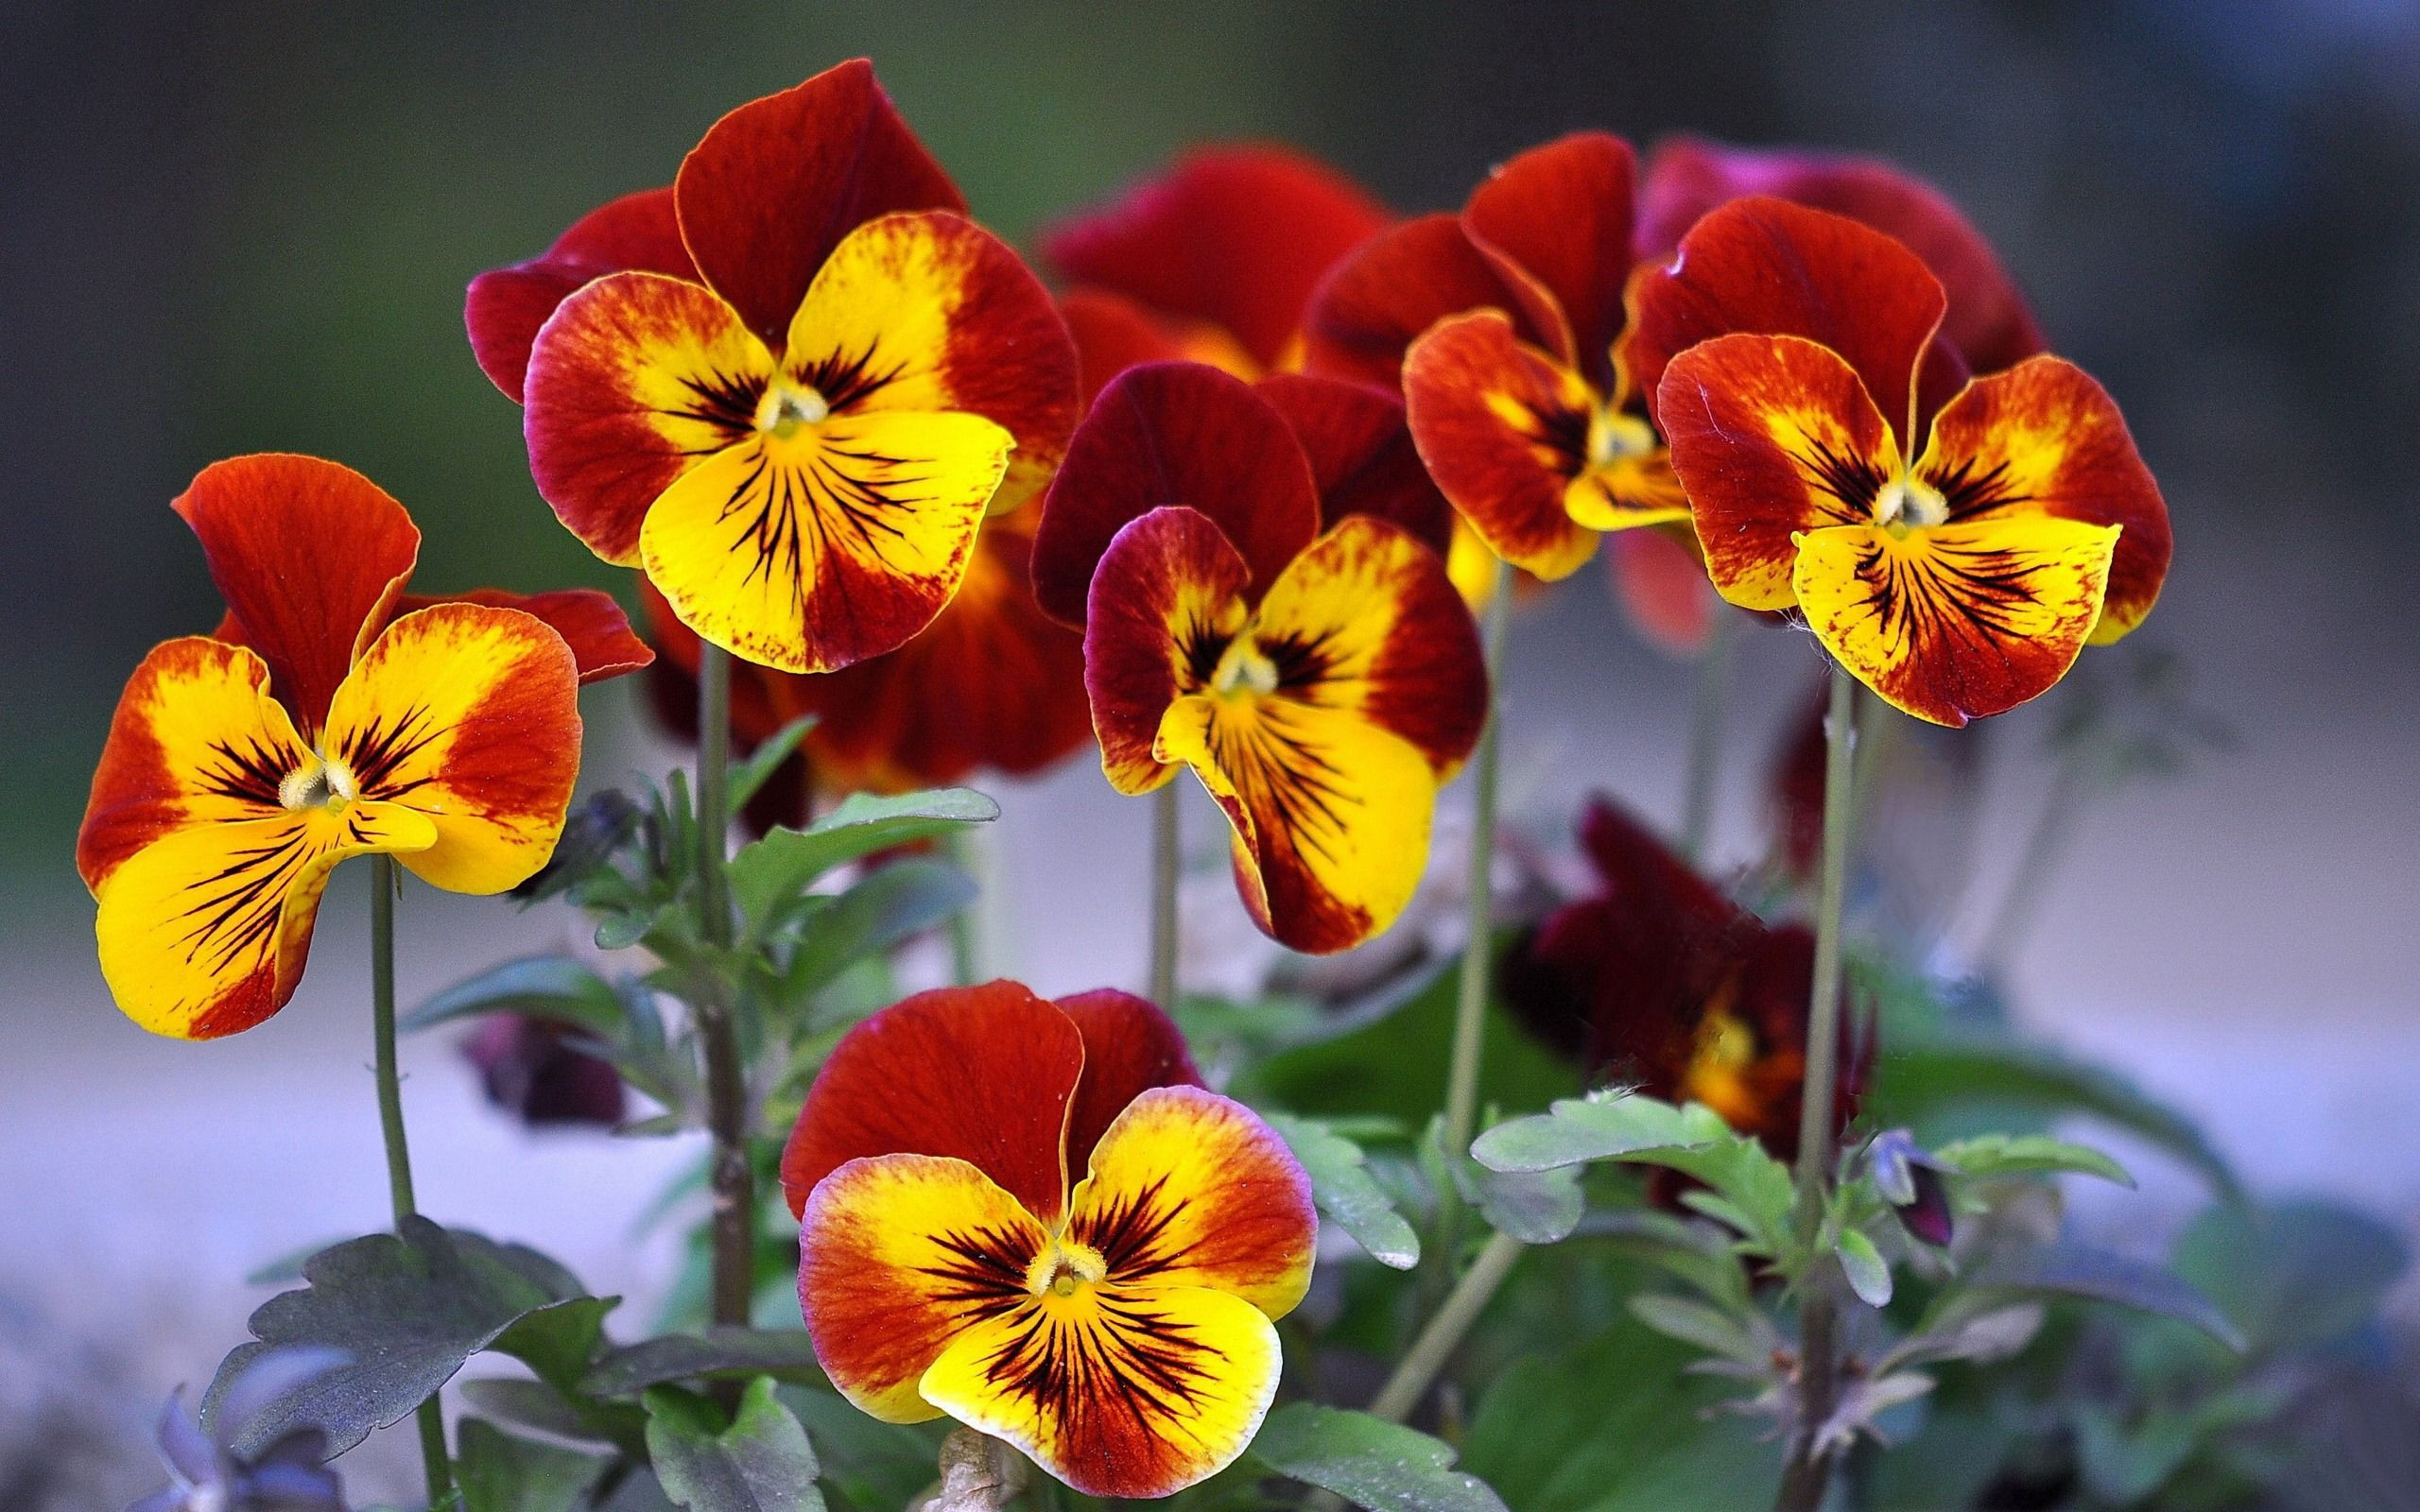 цветы анютины гРазки фото картинки 14 тыс изображений найдено в Яндекс Картинках